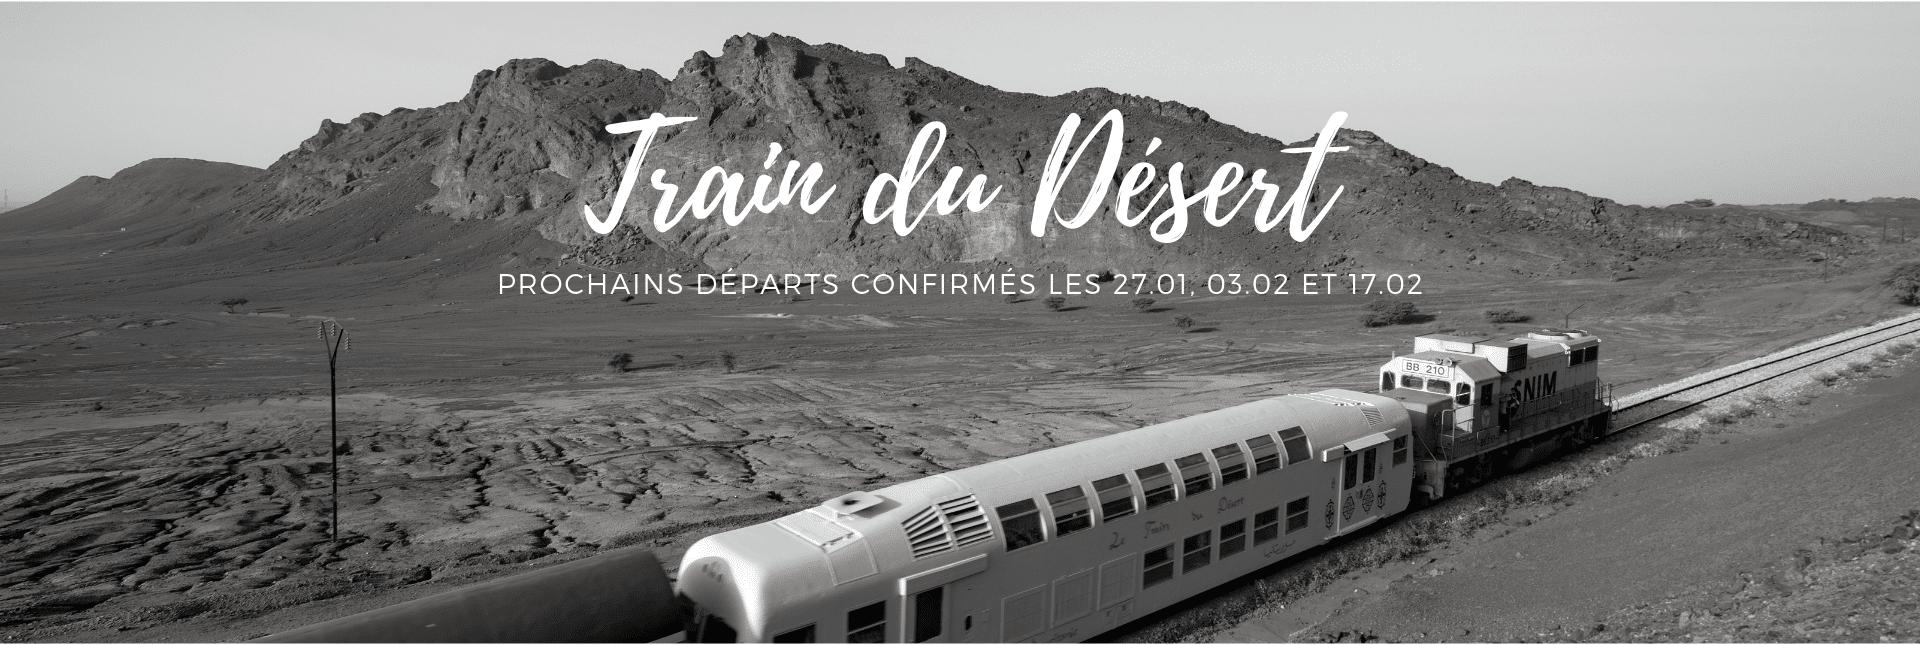 TRain du Désert départs confirmés Mauritanie